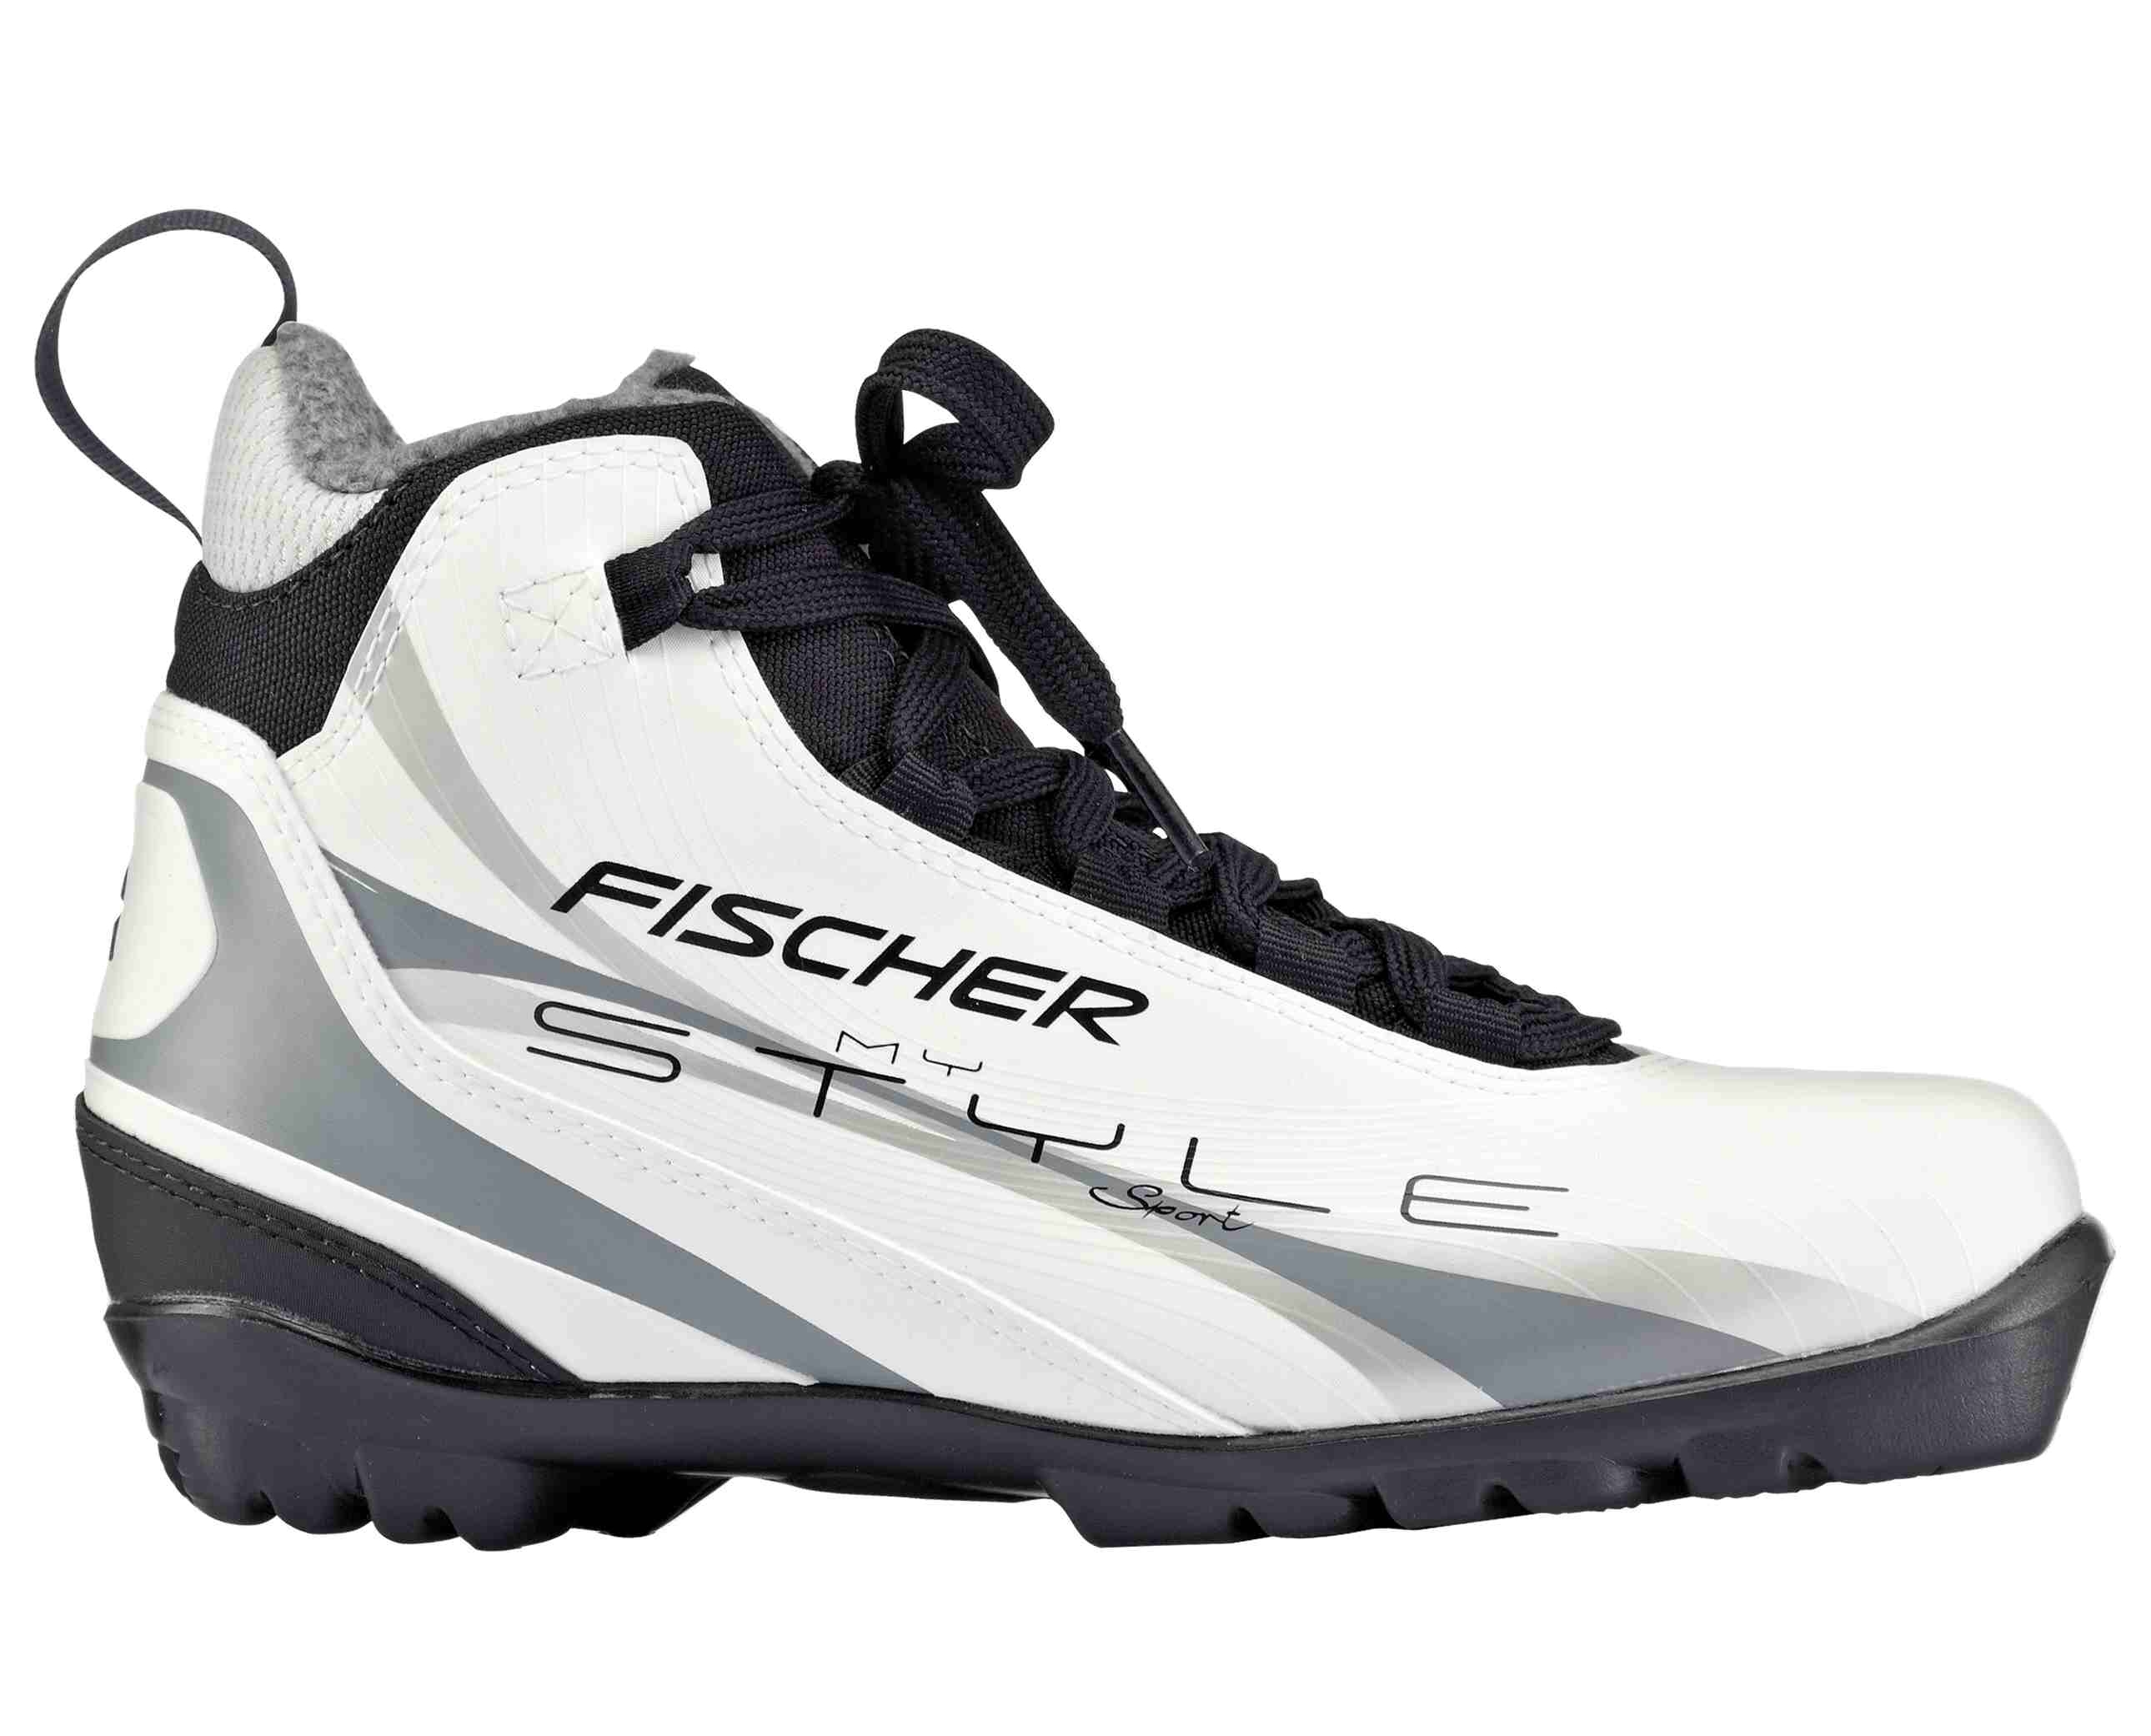 Buty do nart biegowych FISCHER XC Sport My Style damskie, system wiązań NNN, S23413